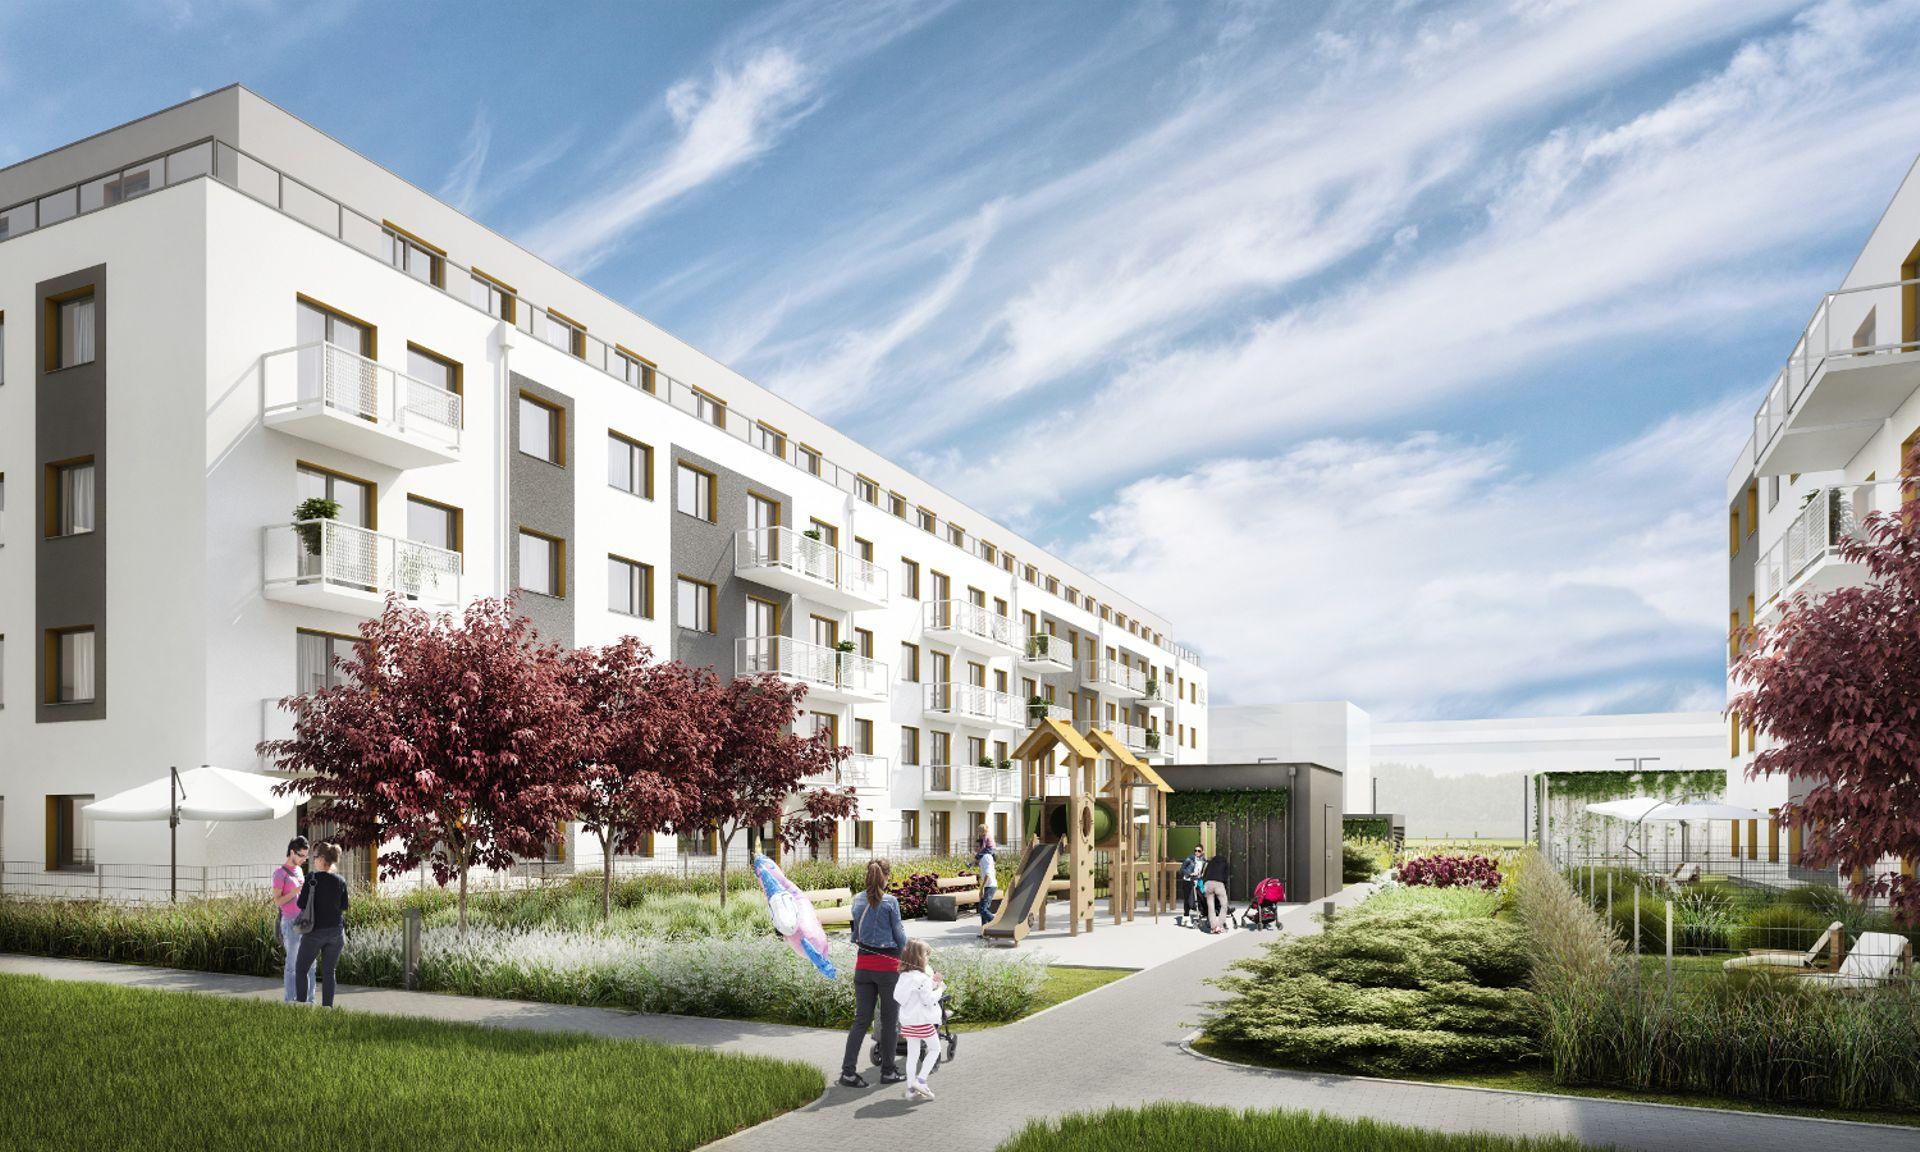 Wrocław: Buforowa 89 – Vantage Development startuje z inwestycją na ponad 400 mieszkań [WIZUALZIACJE]